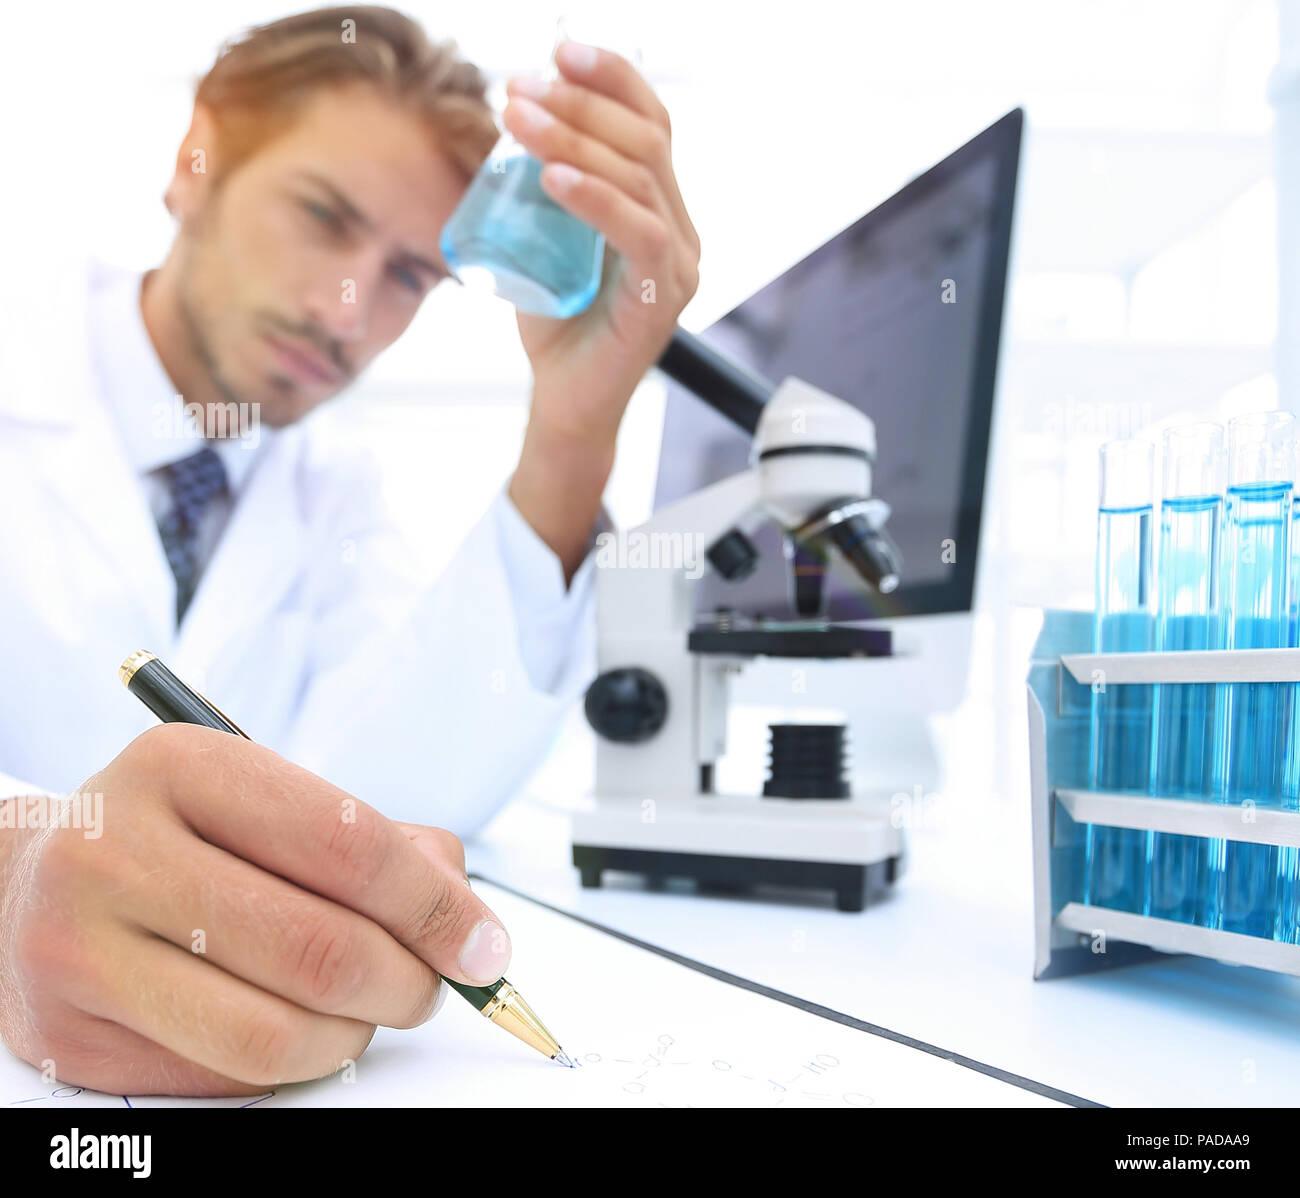 Wissenschaftler analysieren ein Experiment in einem Labor Stockbild